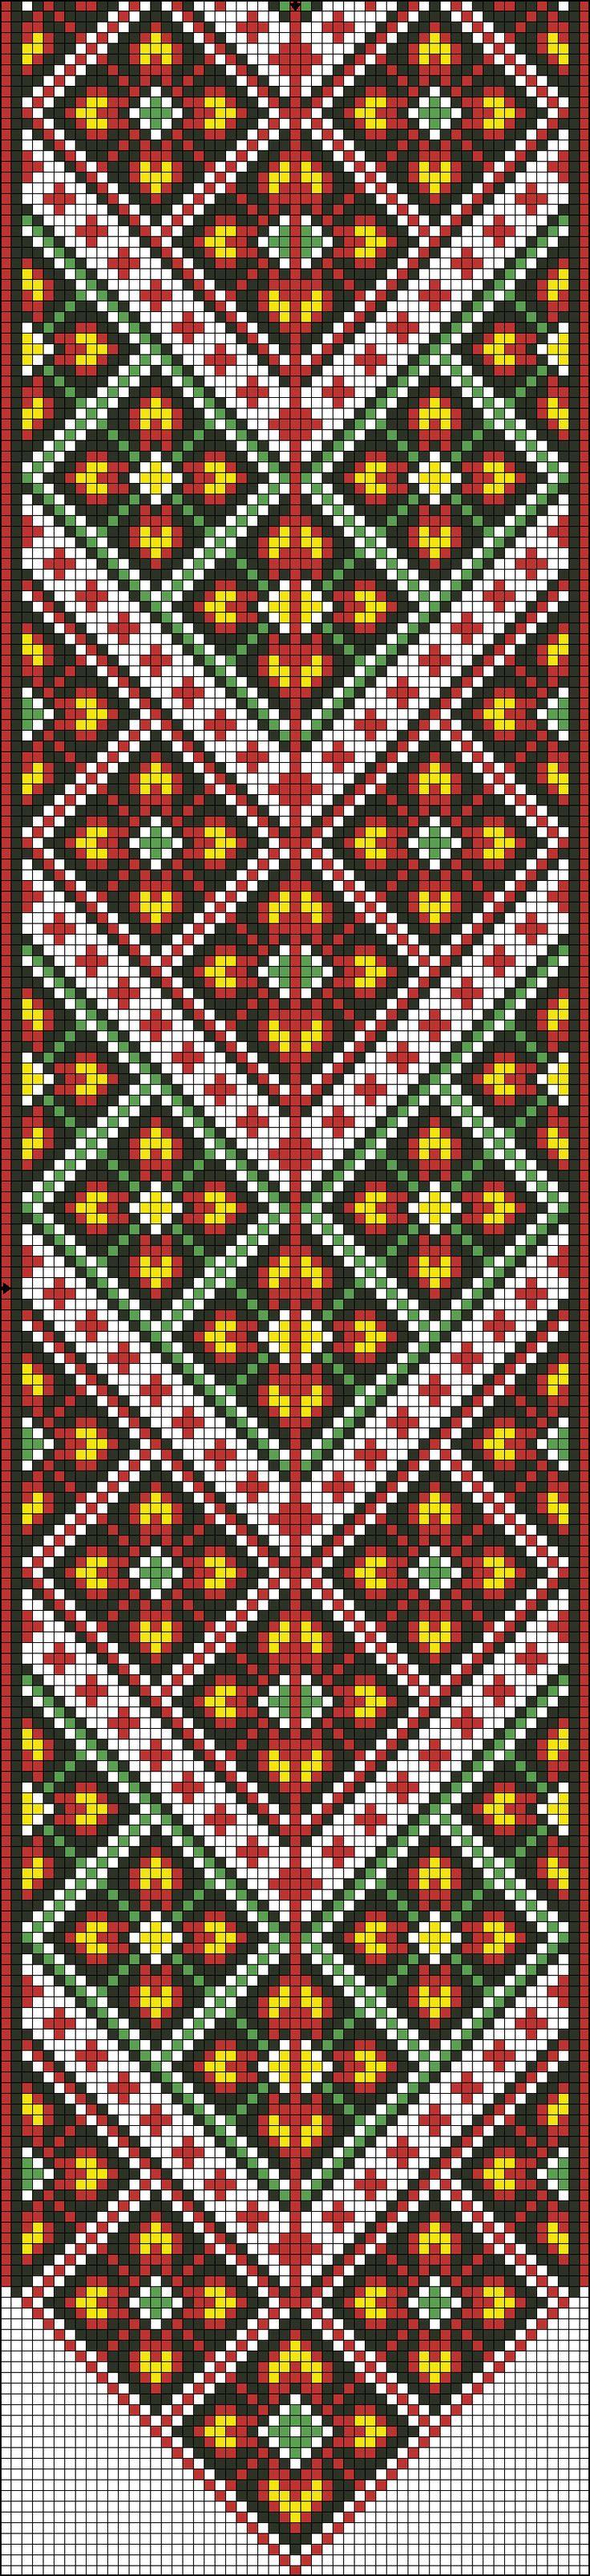 whiteangel.gallery.ru watch?ph=pnP-fn1pW&subpanel=zoom&zoom=8